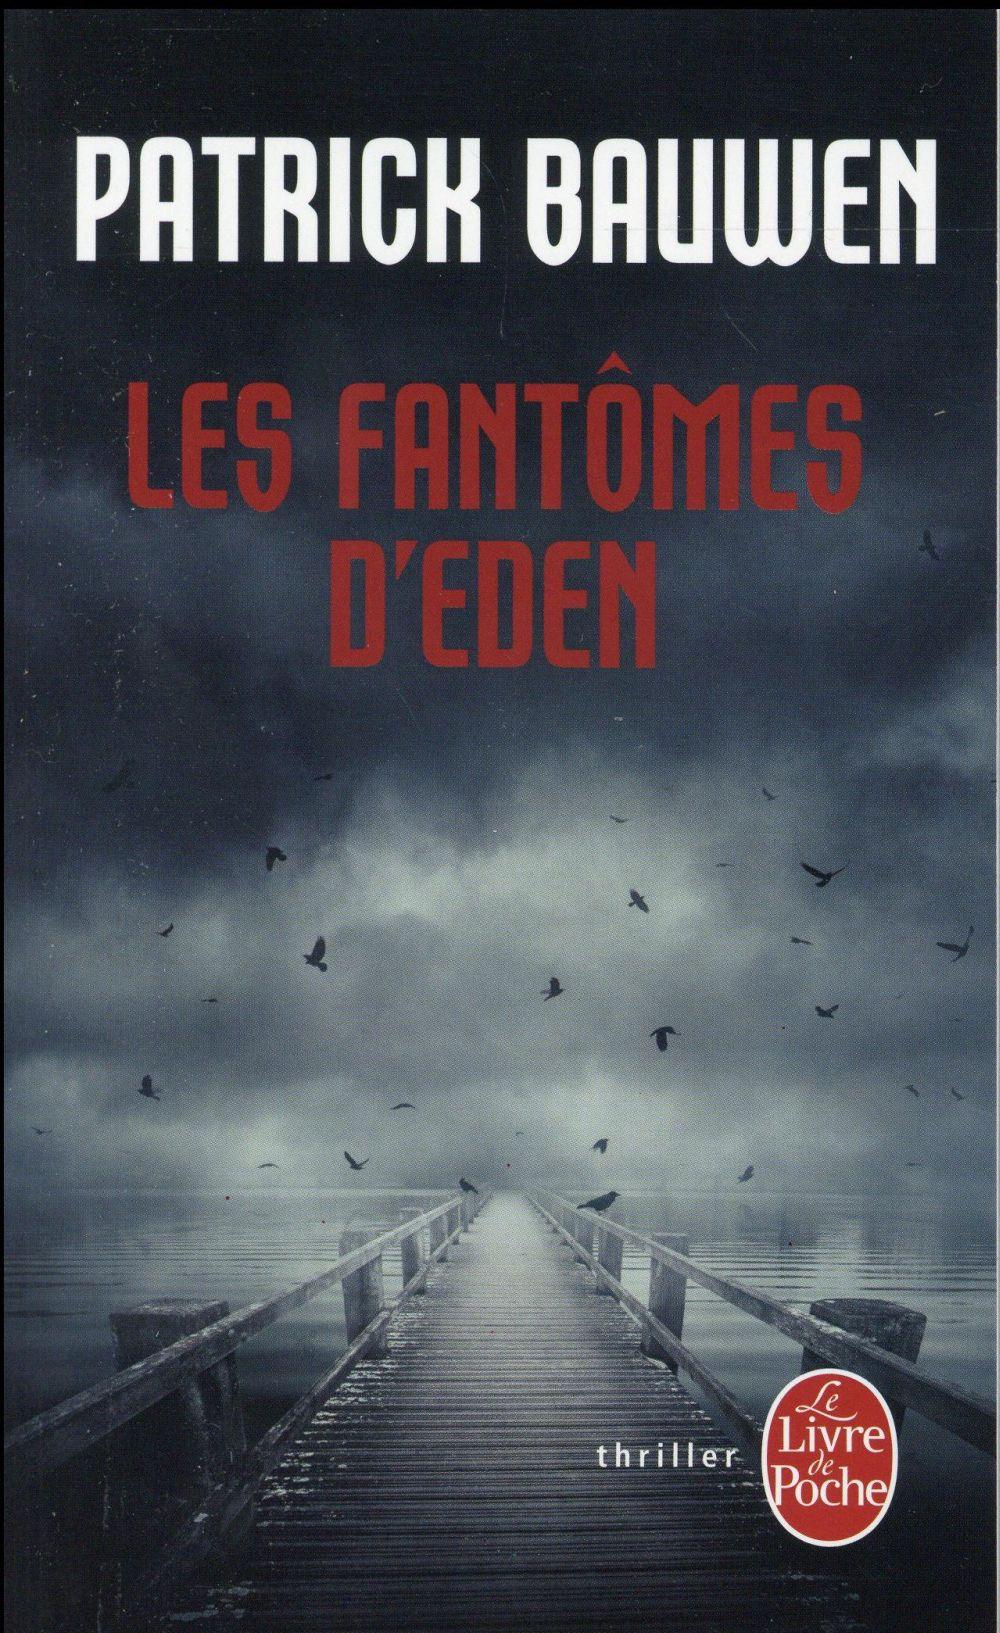 LES FANTOMES D'EDEN Bauwen Patrick Le Livre de poche